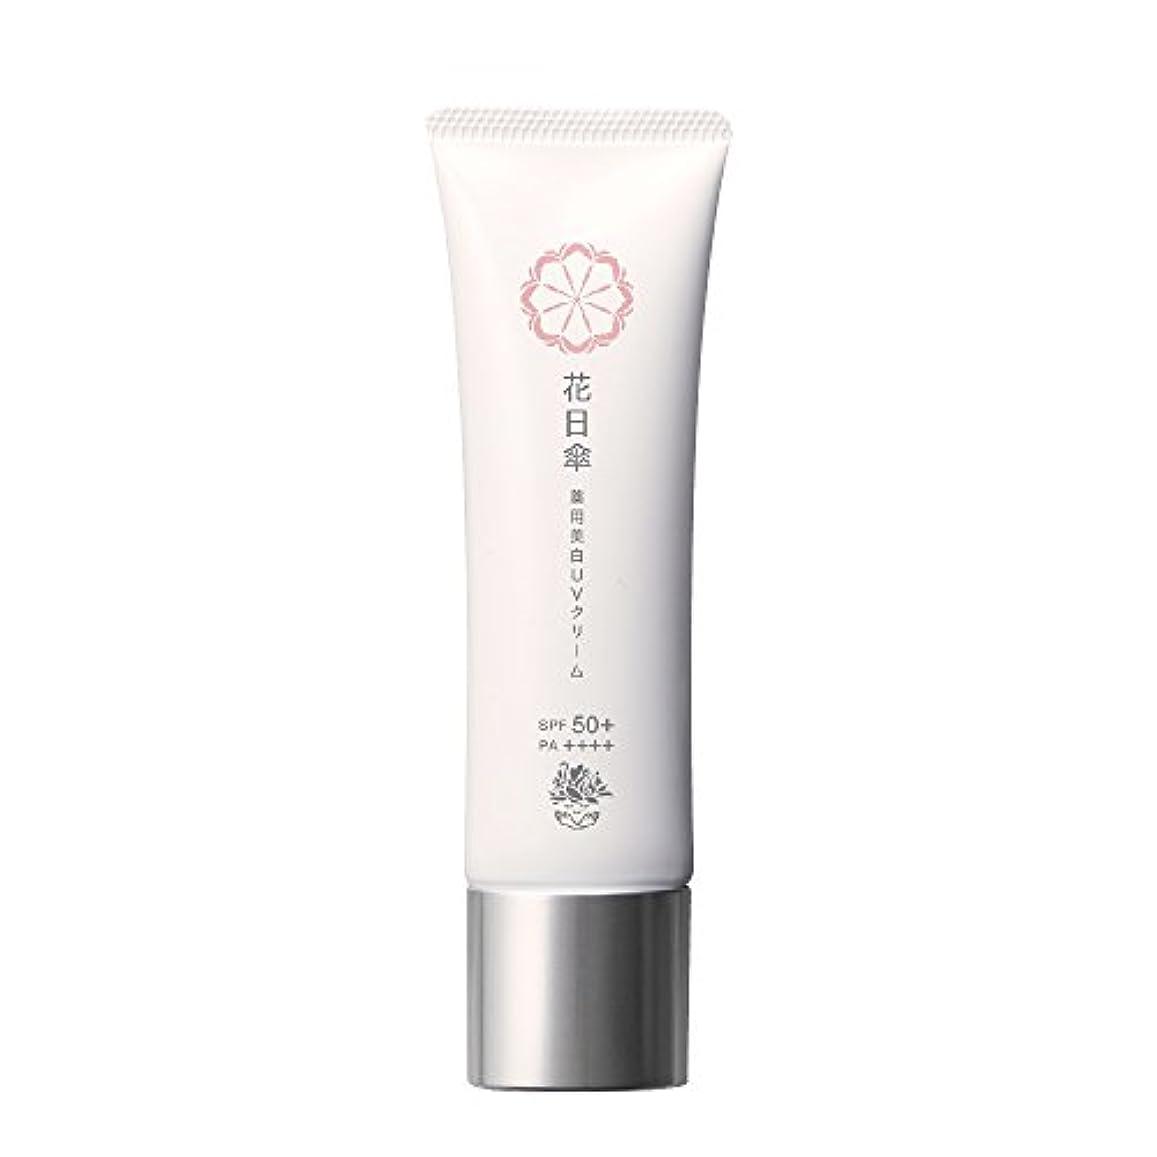 十なのでゴミ箱花日傘 薬用美白UVクリーム SPF50+PA++++ 30g